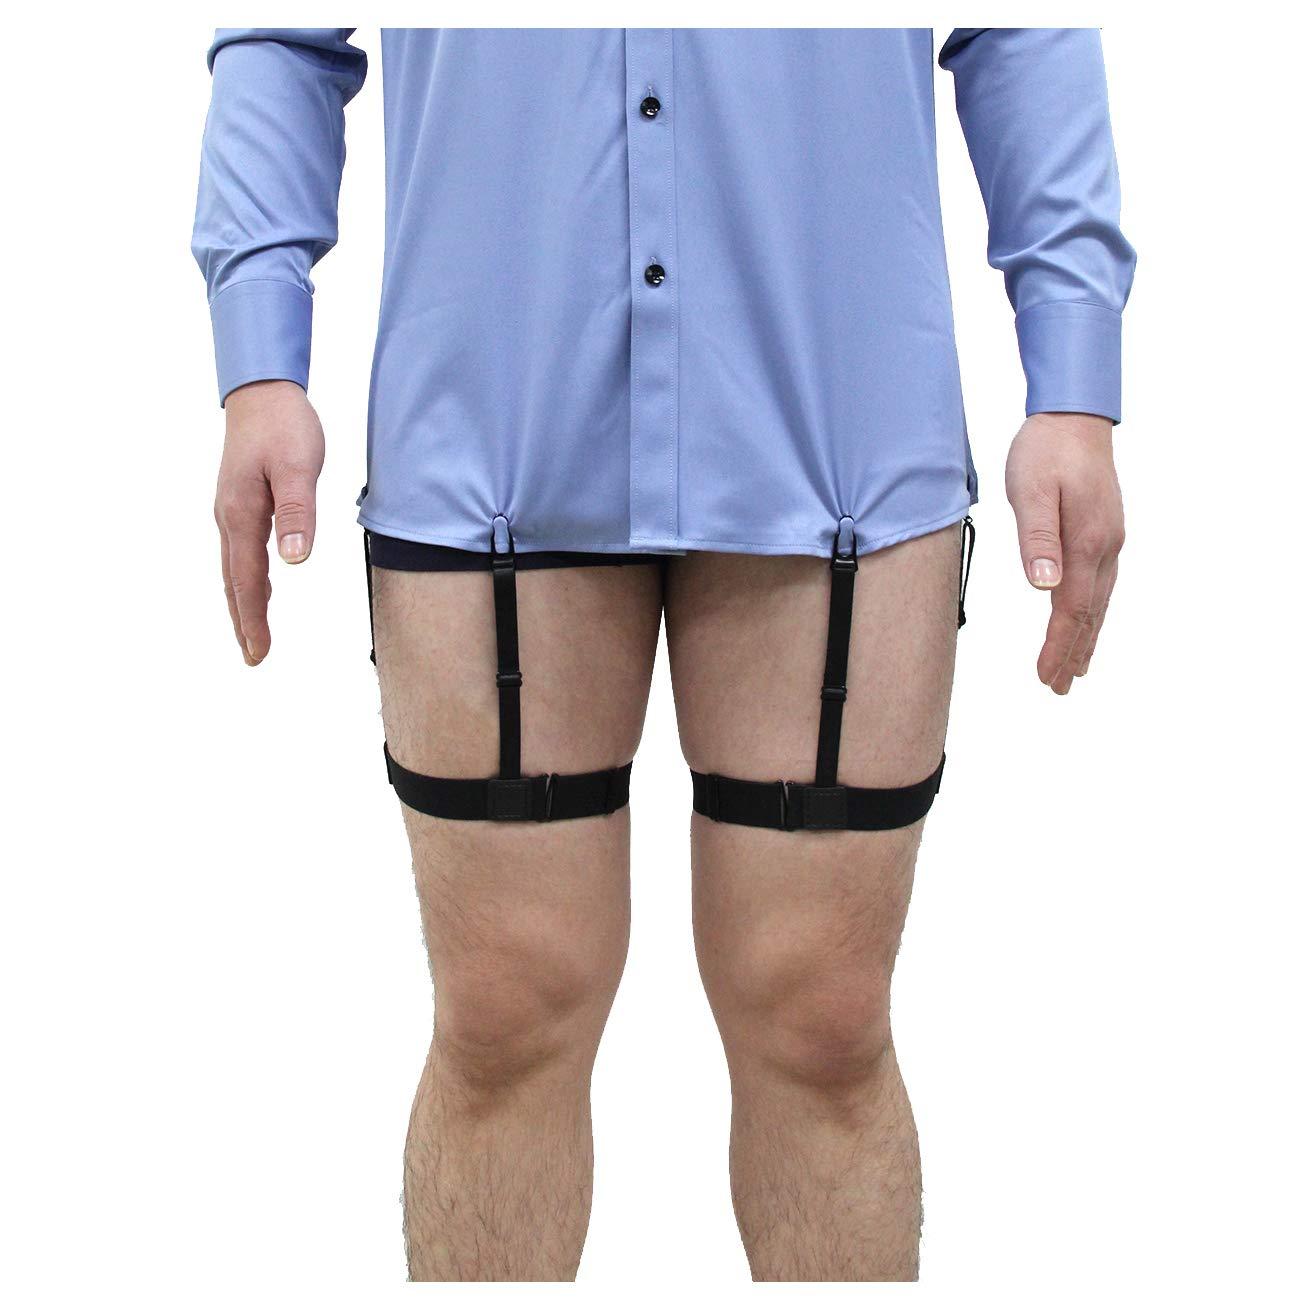 Jelinda Herren Hemd Aufenthalte Bein Schenkel elastisch Strumpfband Sport Straps Gü rtel mit Rutschfest Sperrung Schellen AMWF-H022-K